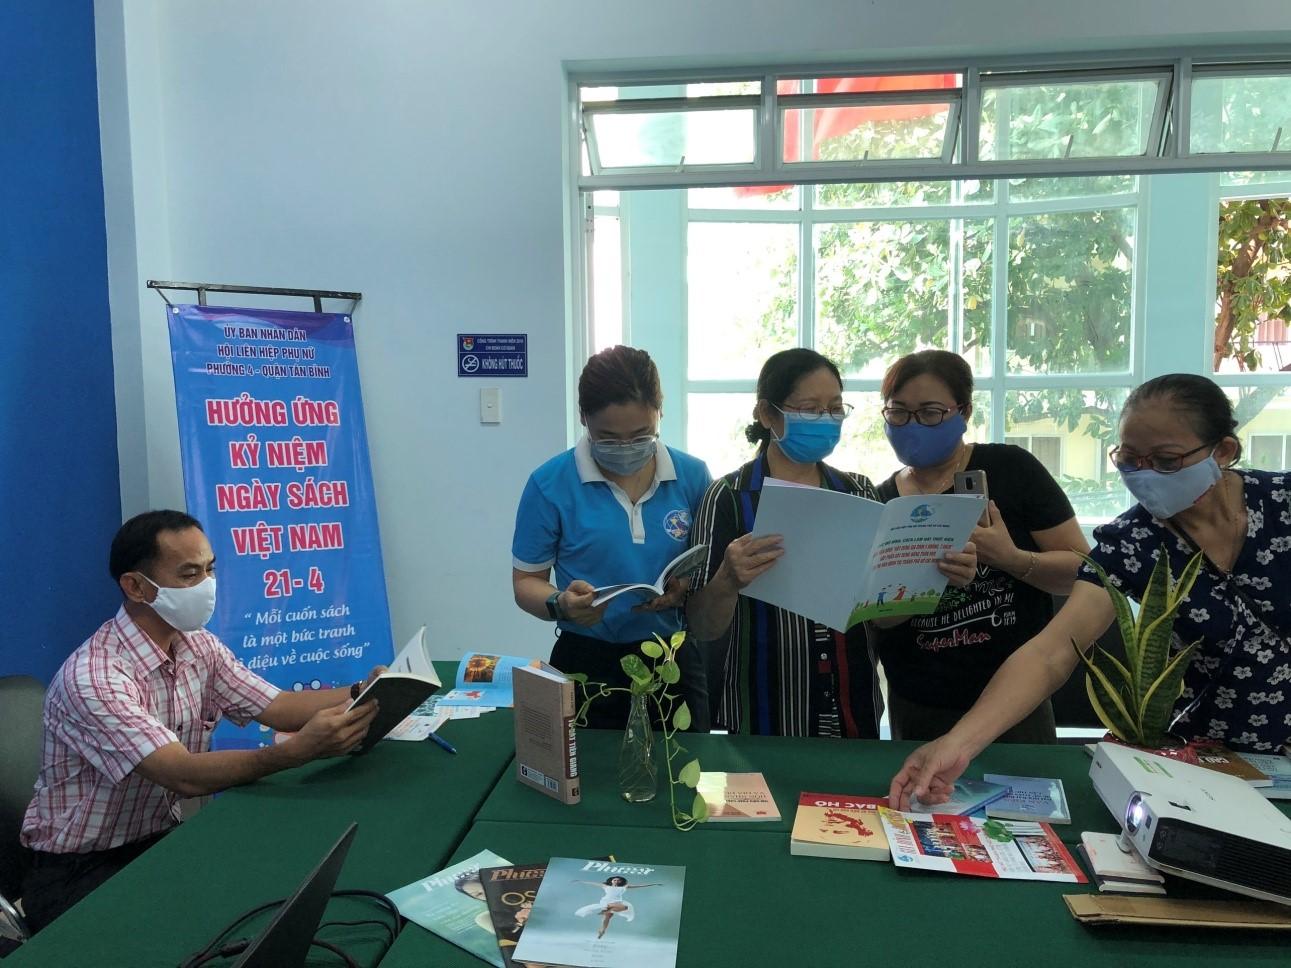 Phường 4: Tổ chức các hoạt động tuyên truyền Ngày sách Việt Nam (21/4)